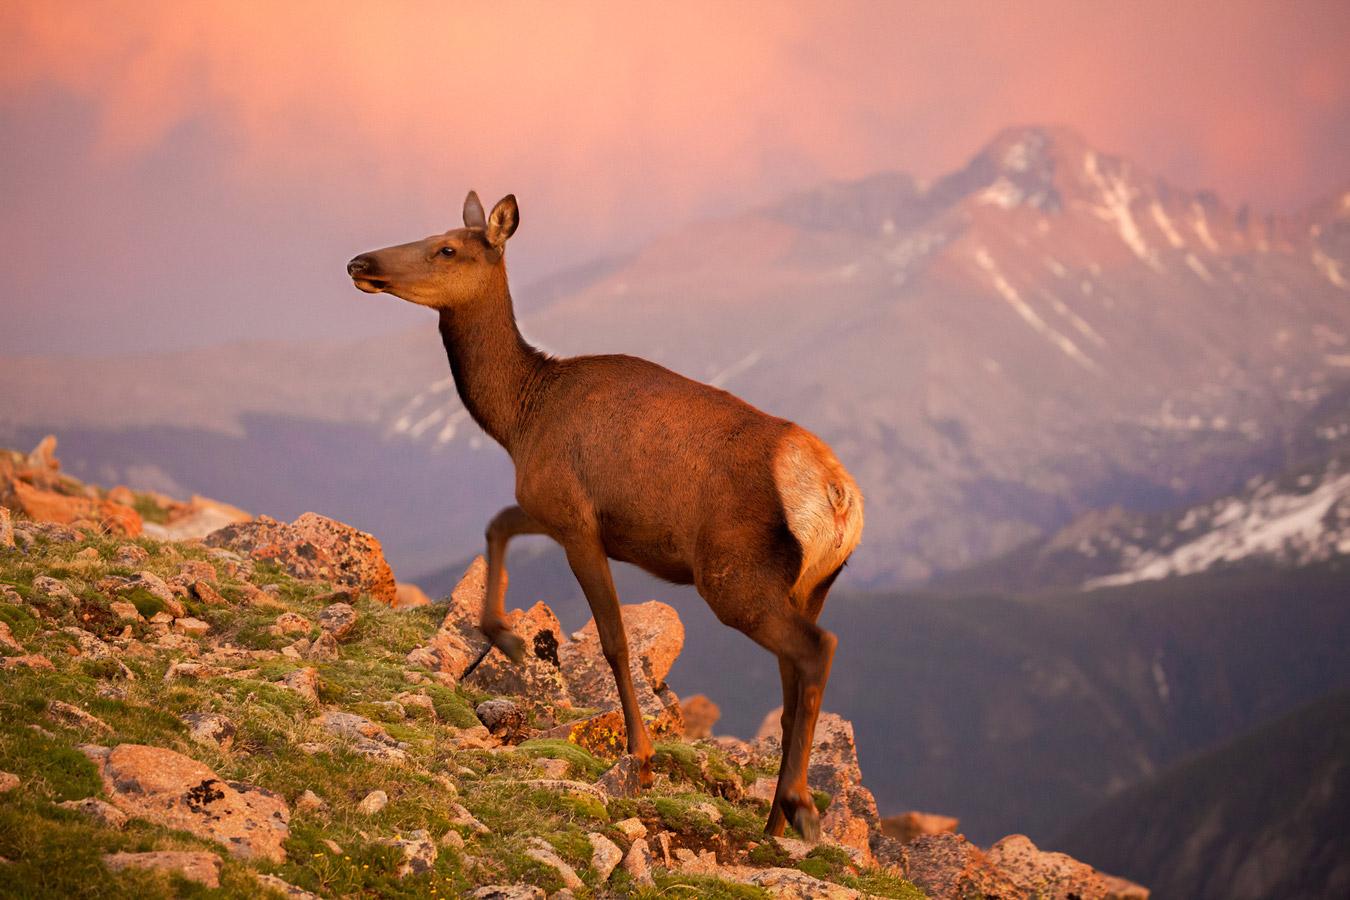 Лосиха на закате — Национальный парк Скалистых гор, © Сью Райт, Меса, Аризона, США, Финалист категории «Живая природа» : любитель, Фотоконкурс «Великие просторы» — пейзажи и живая природа — The Great Outdoors